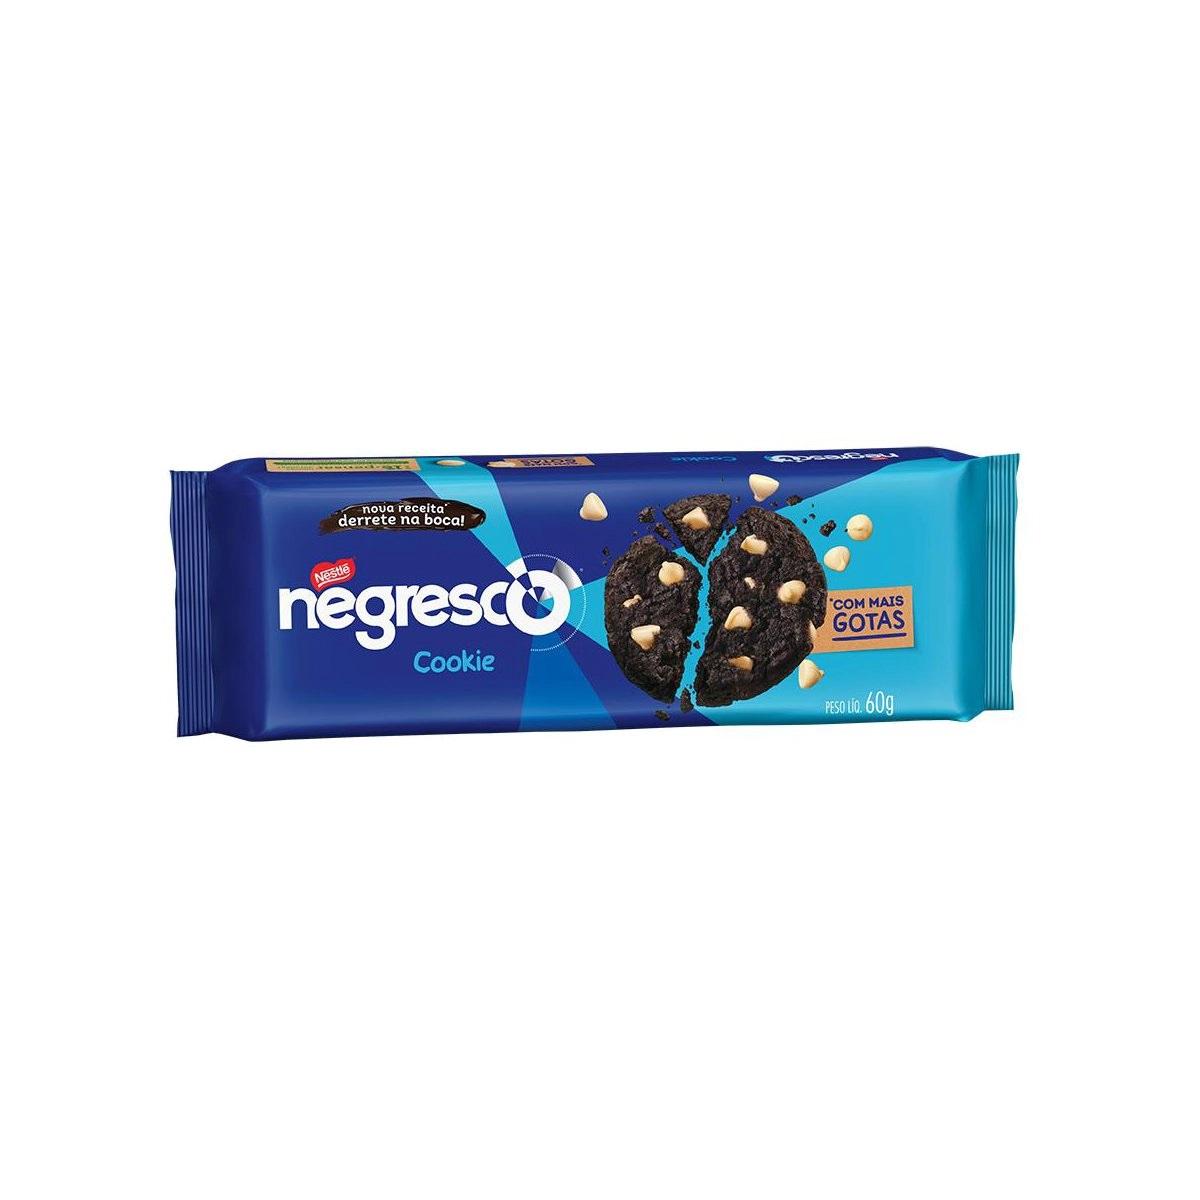 Cookie Chocolate Gotas Baunilha Negresco 60g - Nestlé